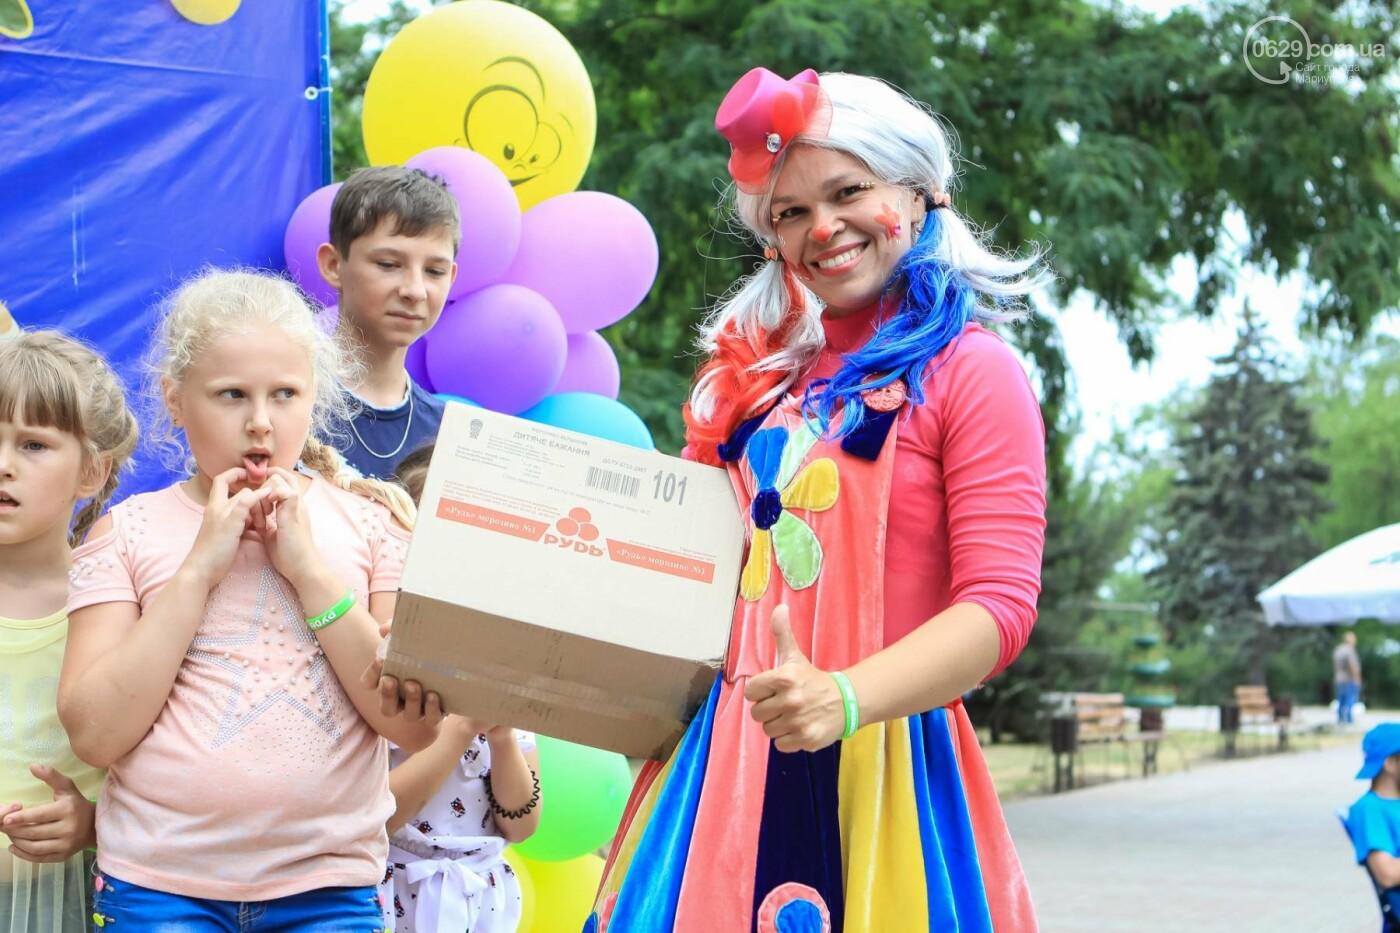 Мариупольцы получили 100% ярких впечатлений на Празднике Мороженого от компании «РУДЬ», фото-20